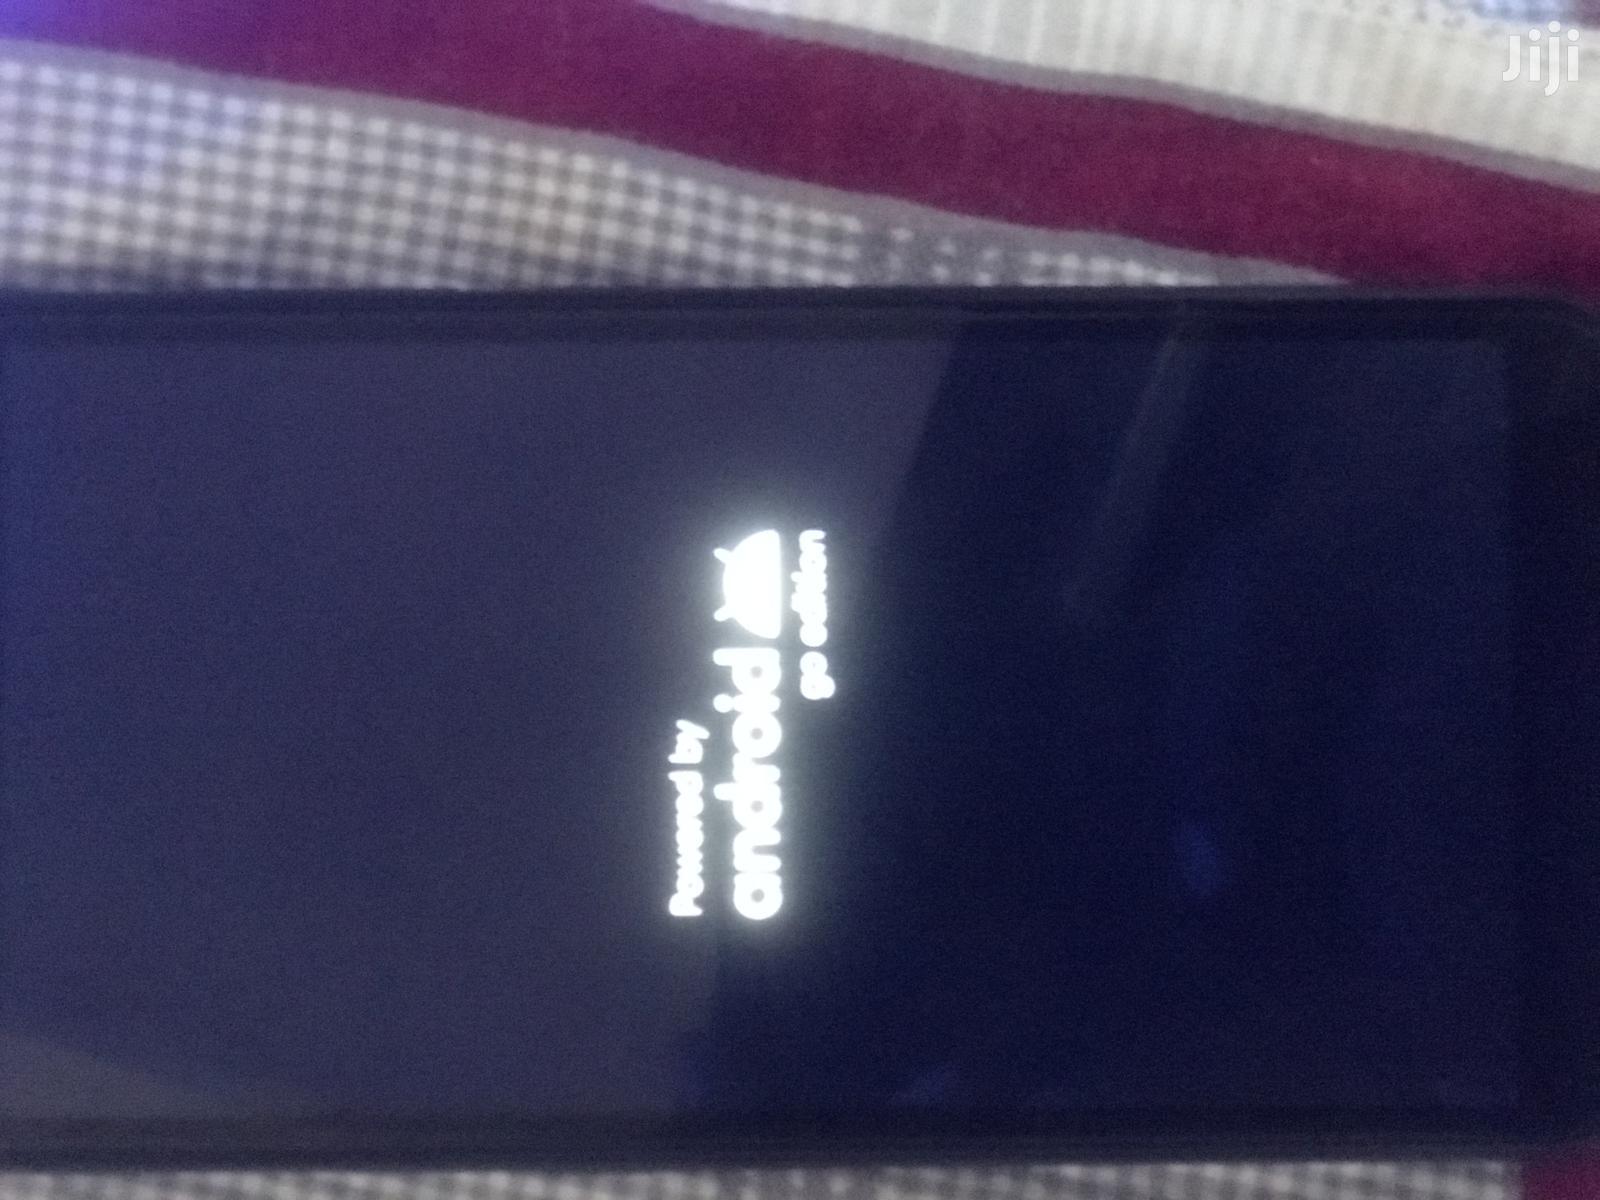 Archive: Nokia C1 16 GB Black